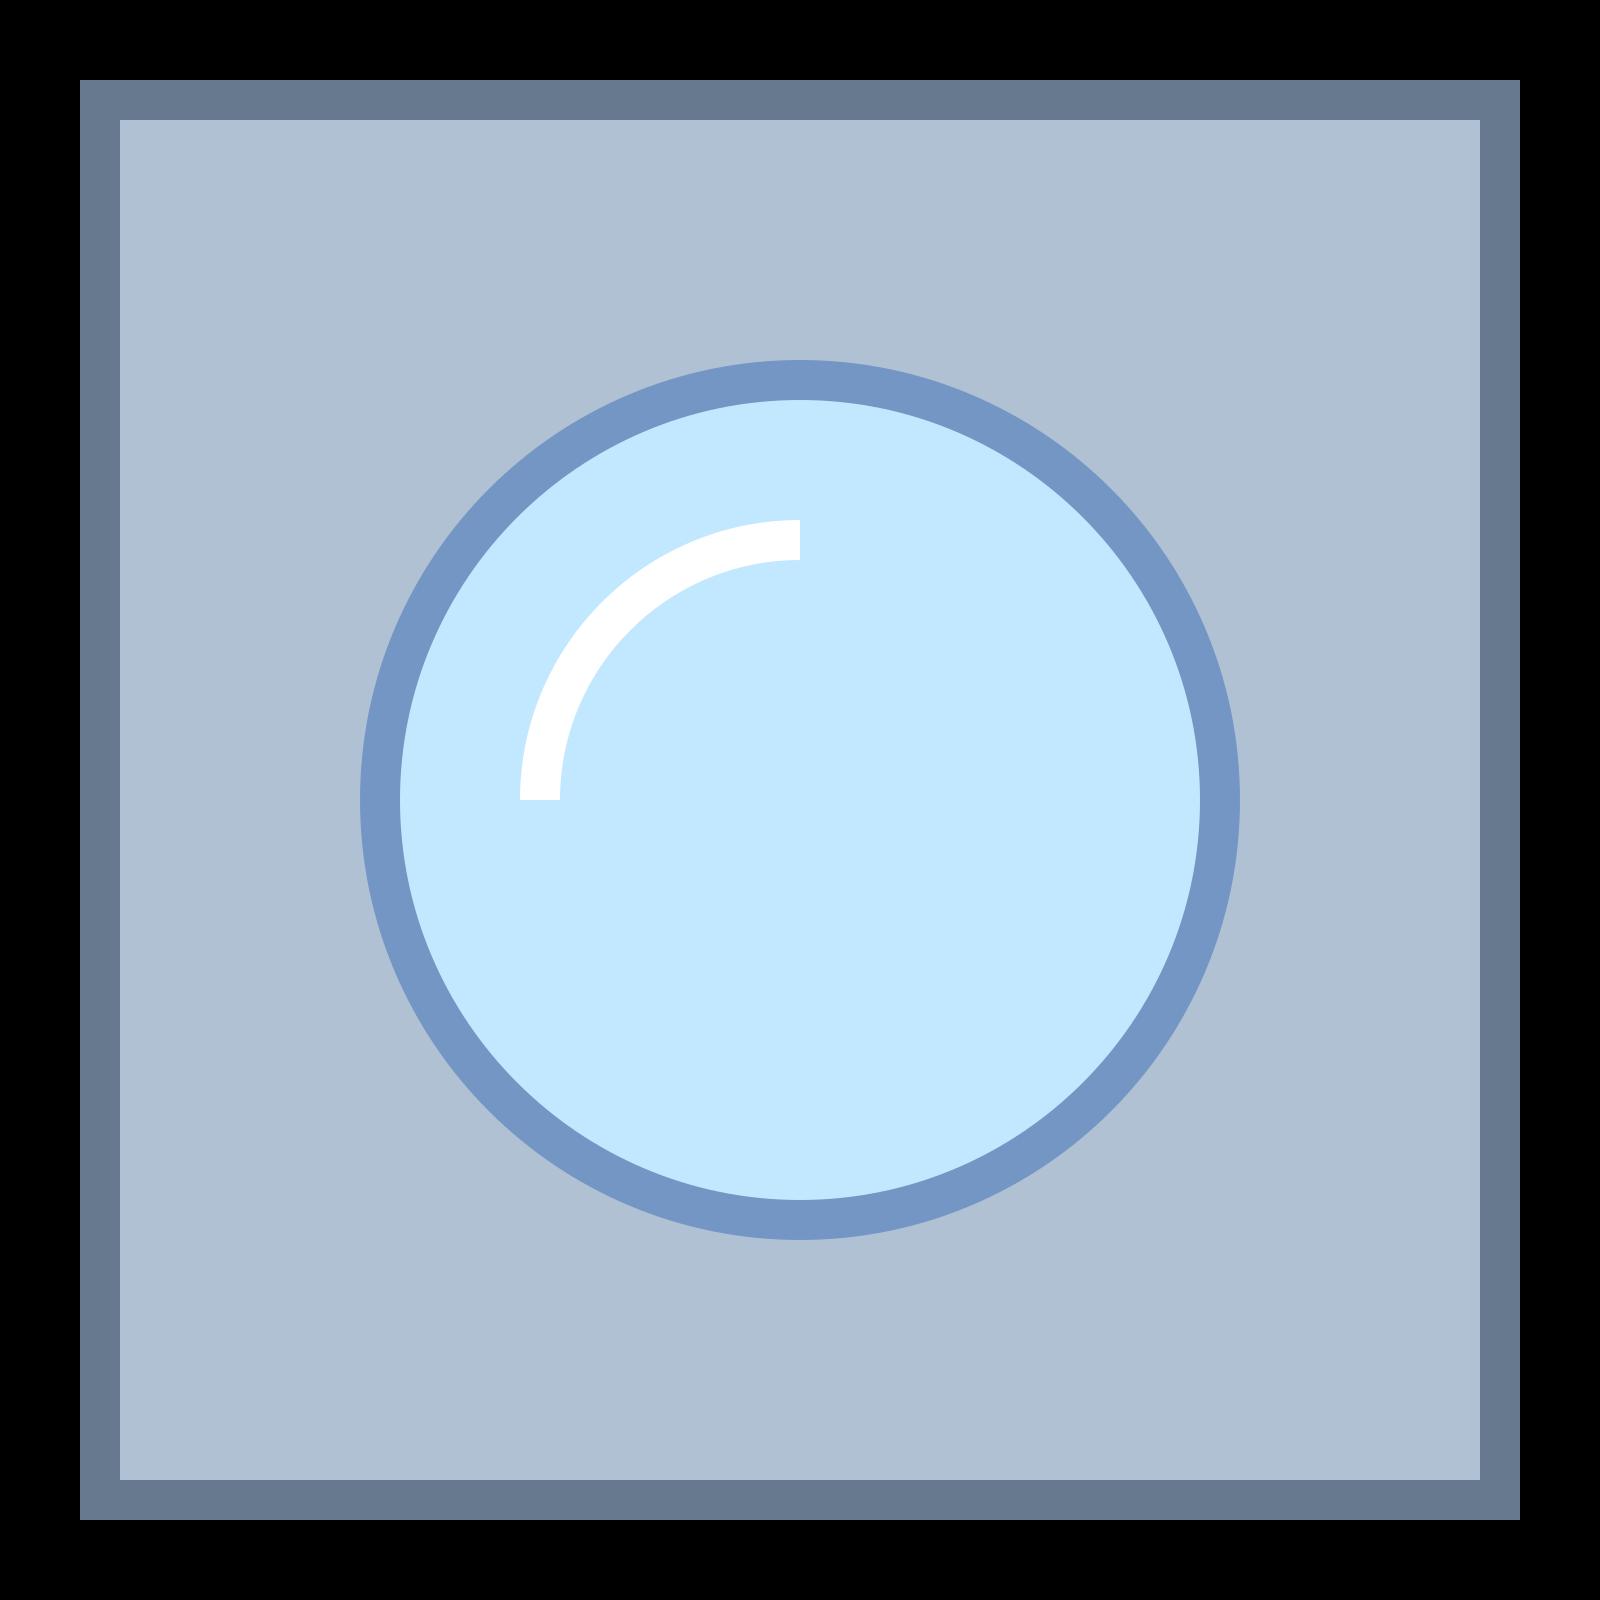 統合されたウェブカメラ icon. This icon is a small square with rounded edges. Inside the square is two circles. One circle is smaller than the other and is inside the larger circle, which is in the middle of the square. The image looks like the lens of a camera.